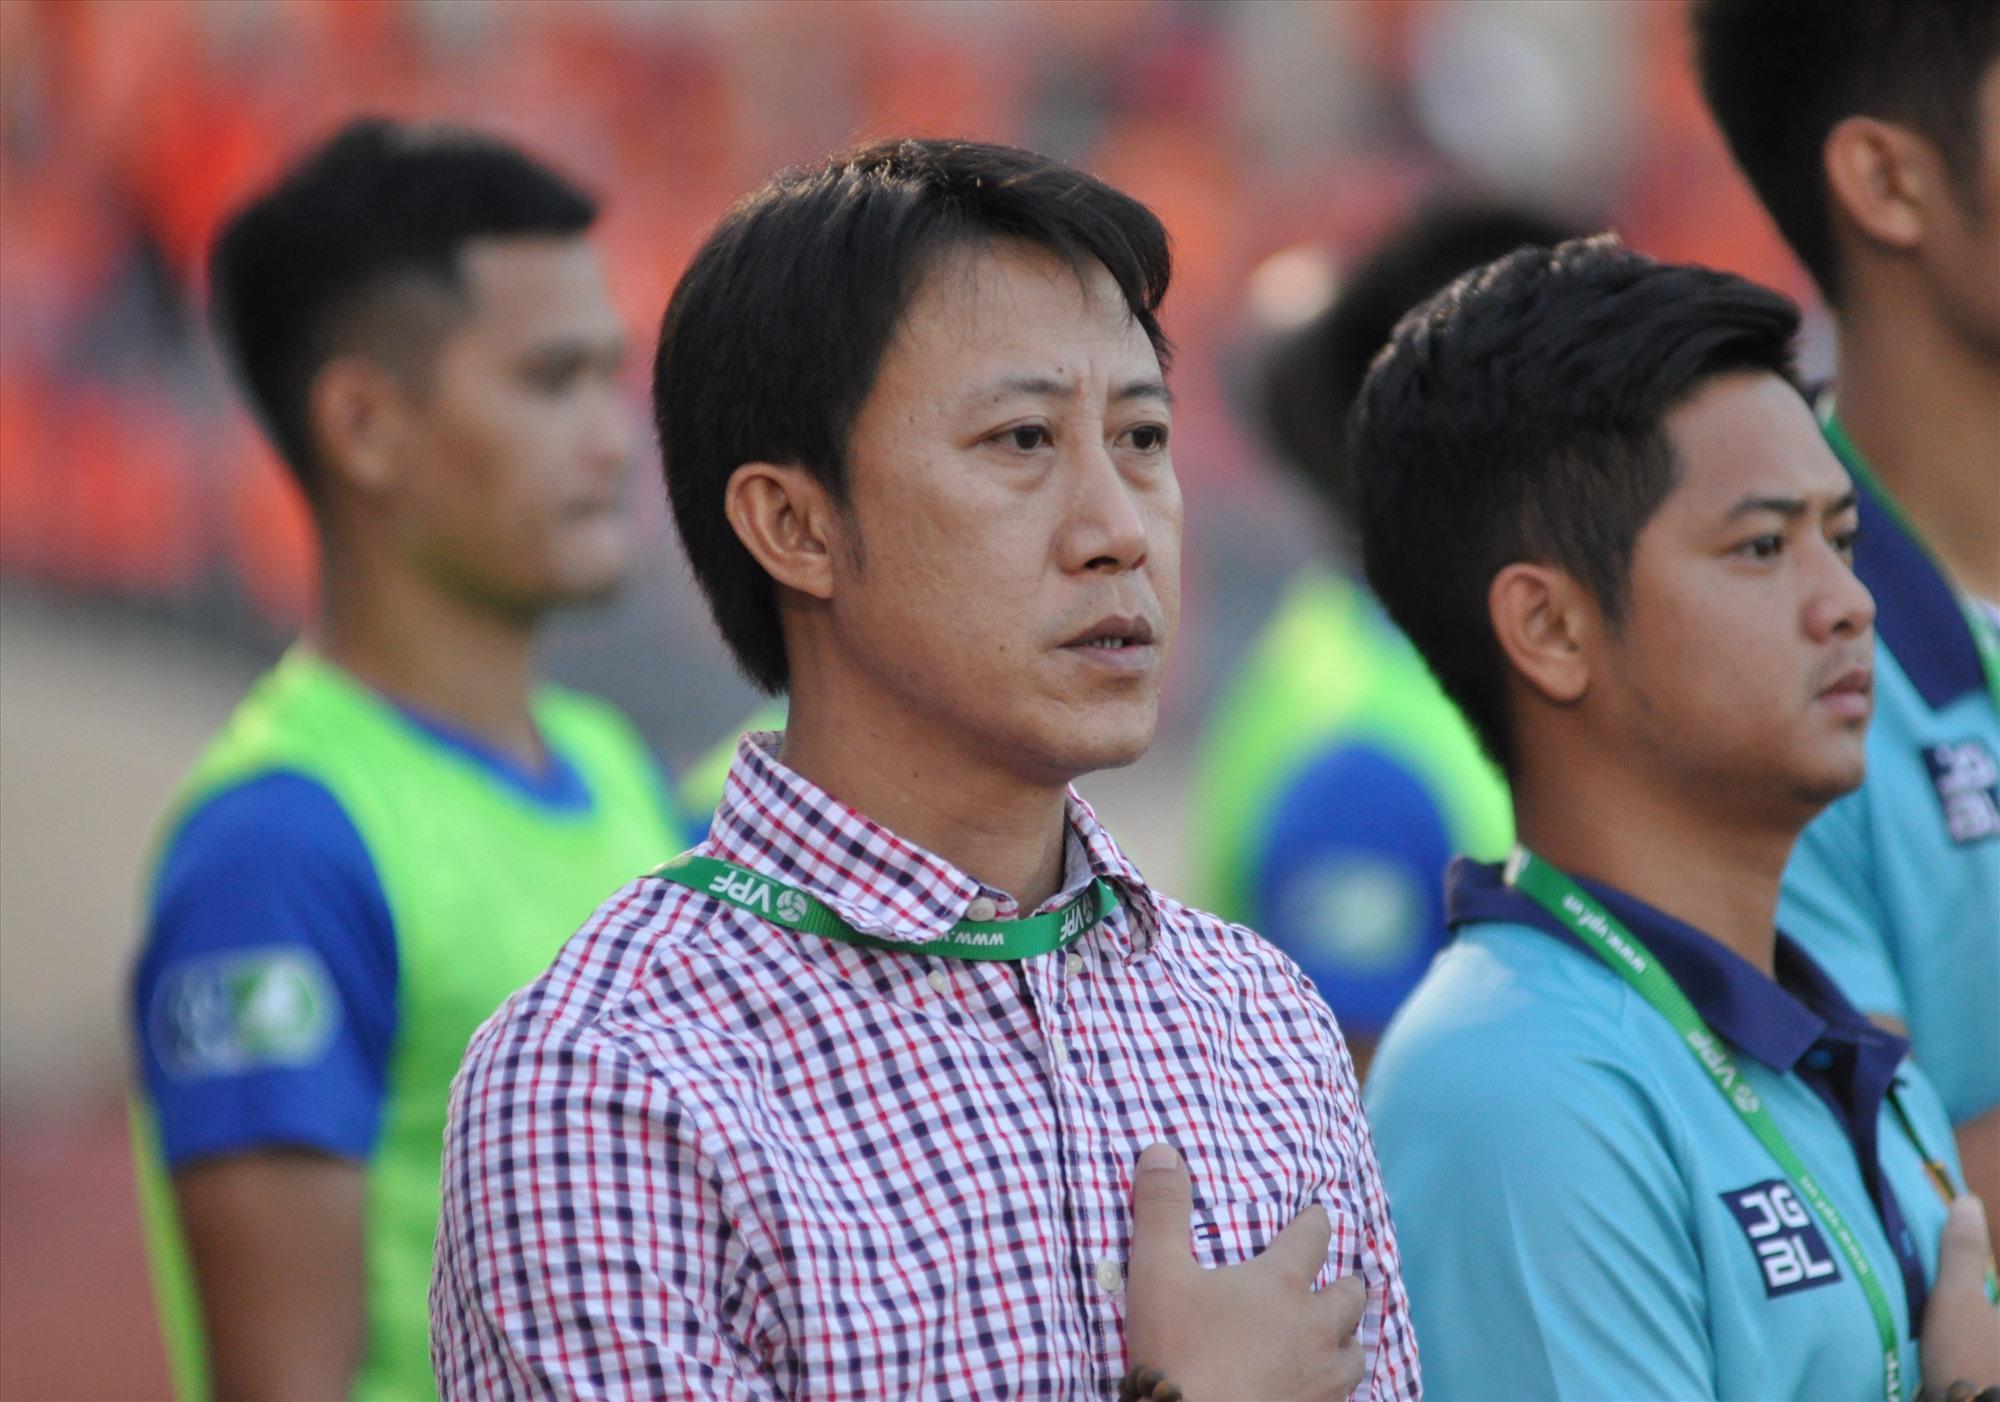 HLV Nguyễn Thành Công còn nhiều việc để làm mới giúp Quảng Nam thi đấu đạt kết quả tốt ở các trận đấu sắp tới. Ảnh: A.NHI